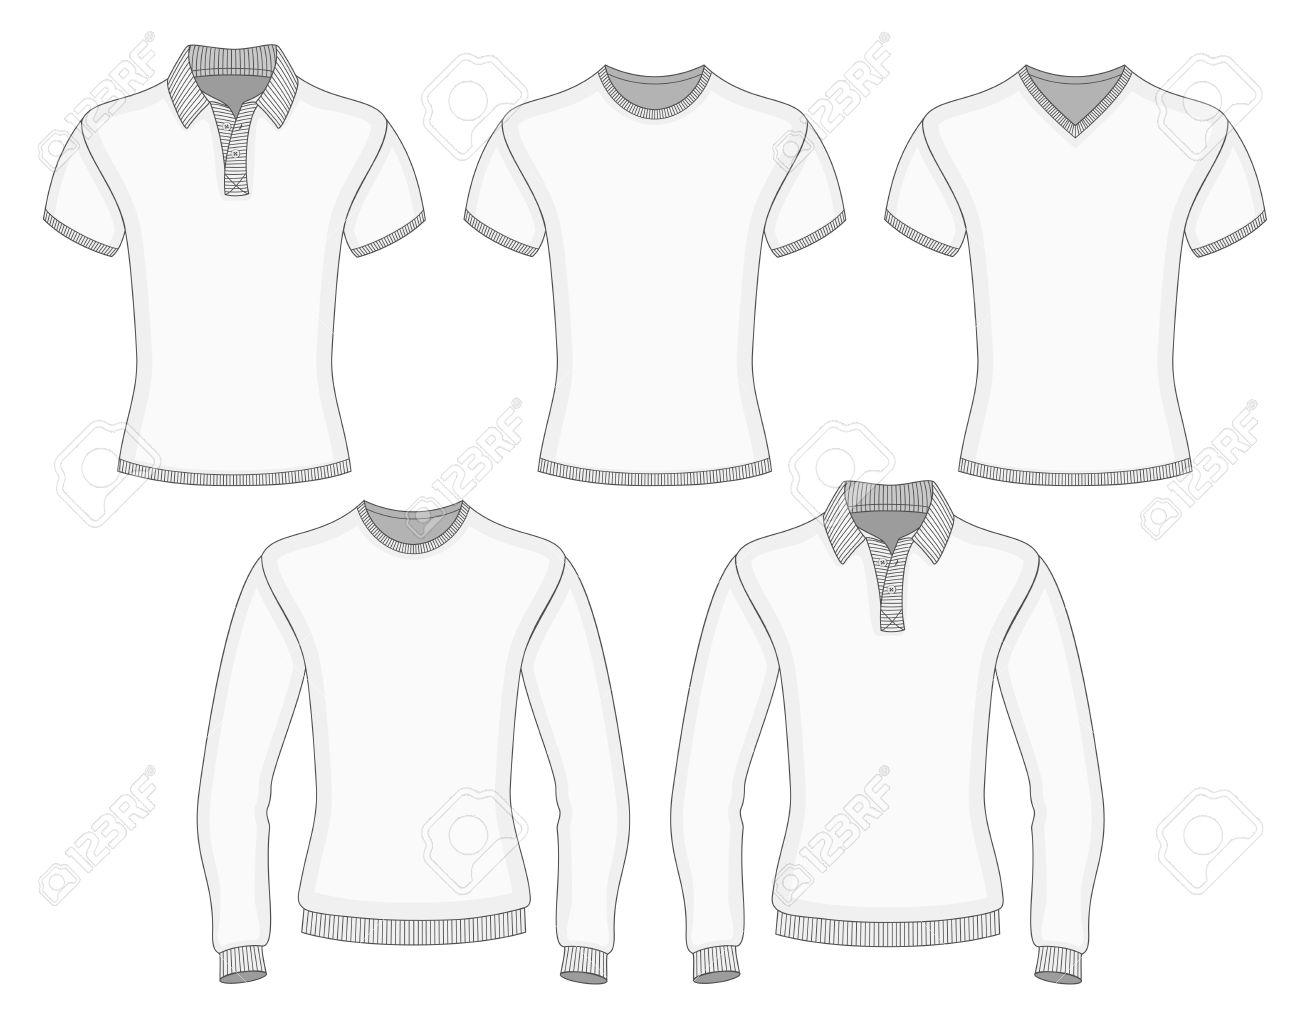 Courte Et Longue Douille Polo Des Hommes Et T-shirt De Modèles De  Conception (vue De Face). Vector Illustration. Pas De Maillage. e64c7b7e7493